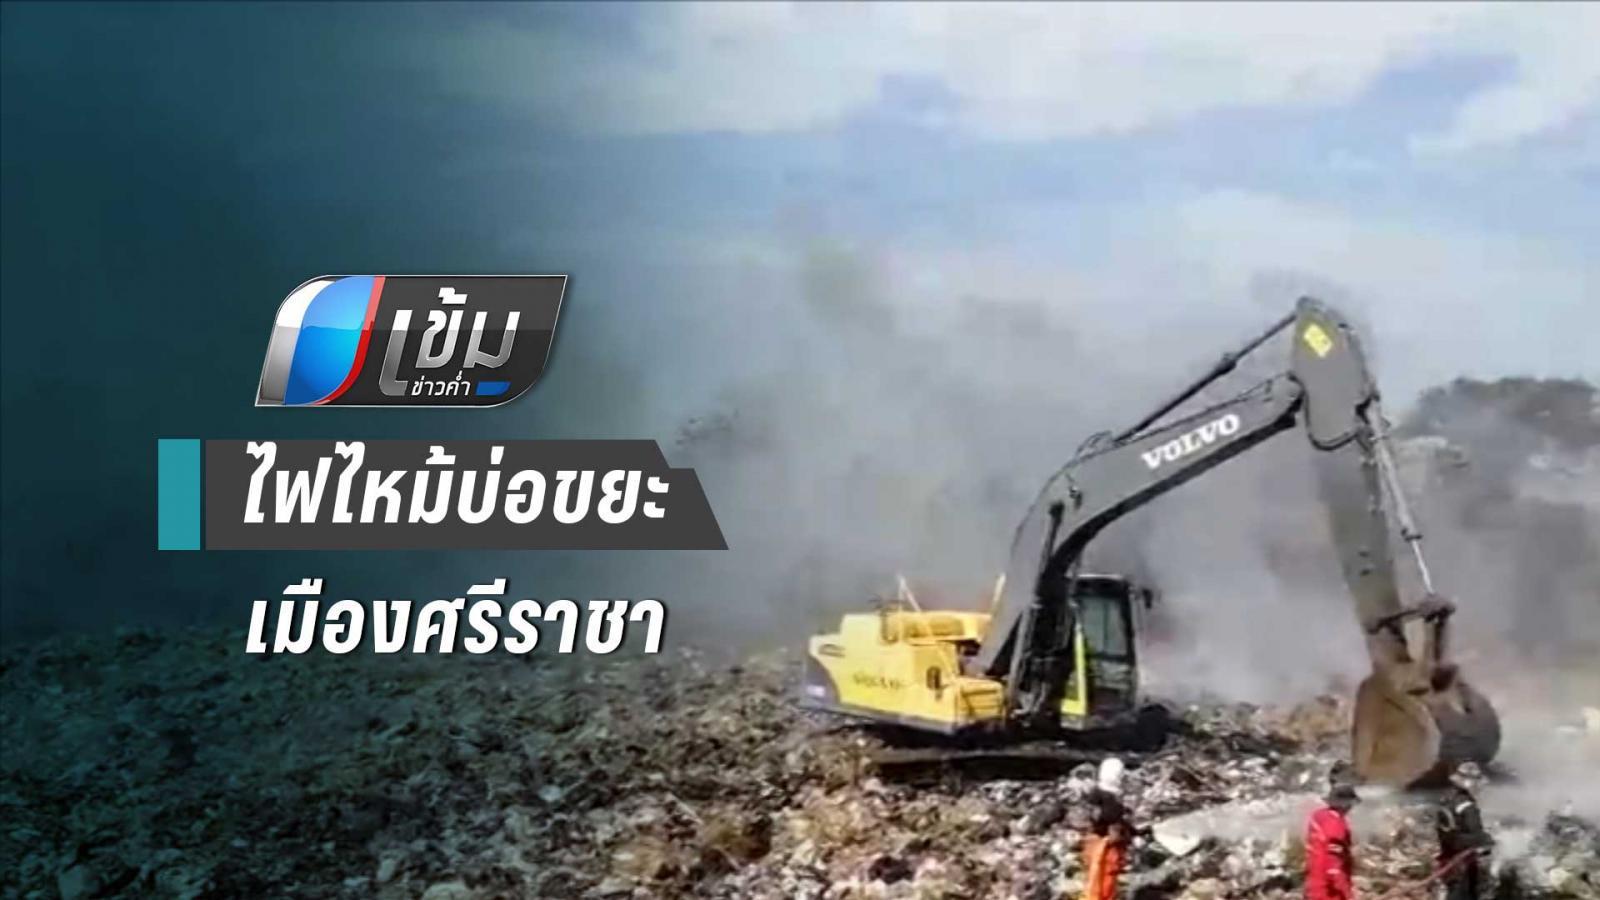 ไฟไหม้บ่อขยะเมืองศรีราชาควันกระจายเข้าชุมชนจำนวนมาก